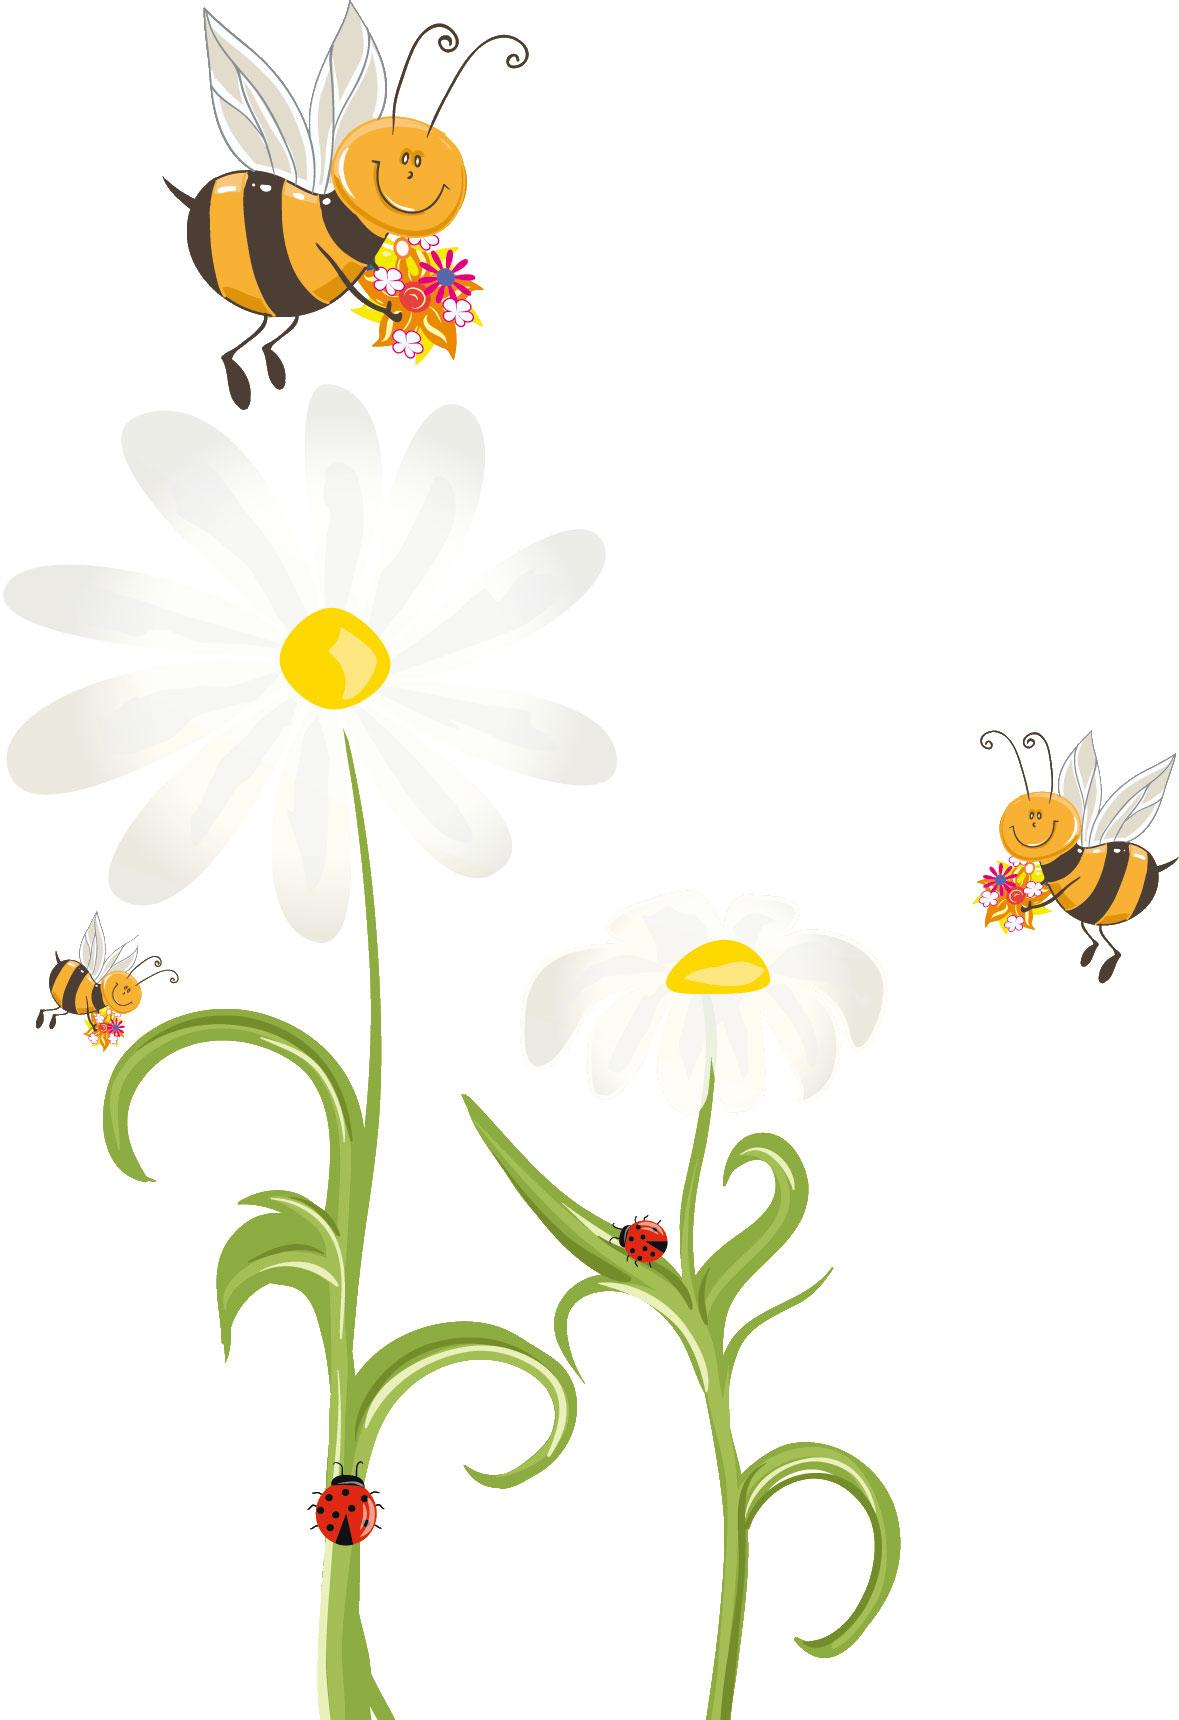 ミツバチの画像 p1_7